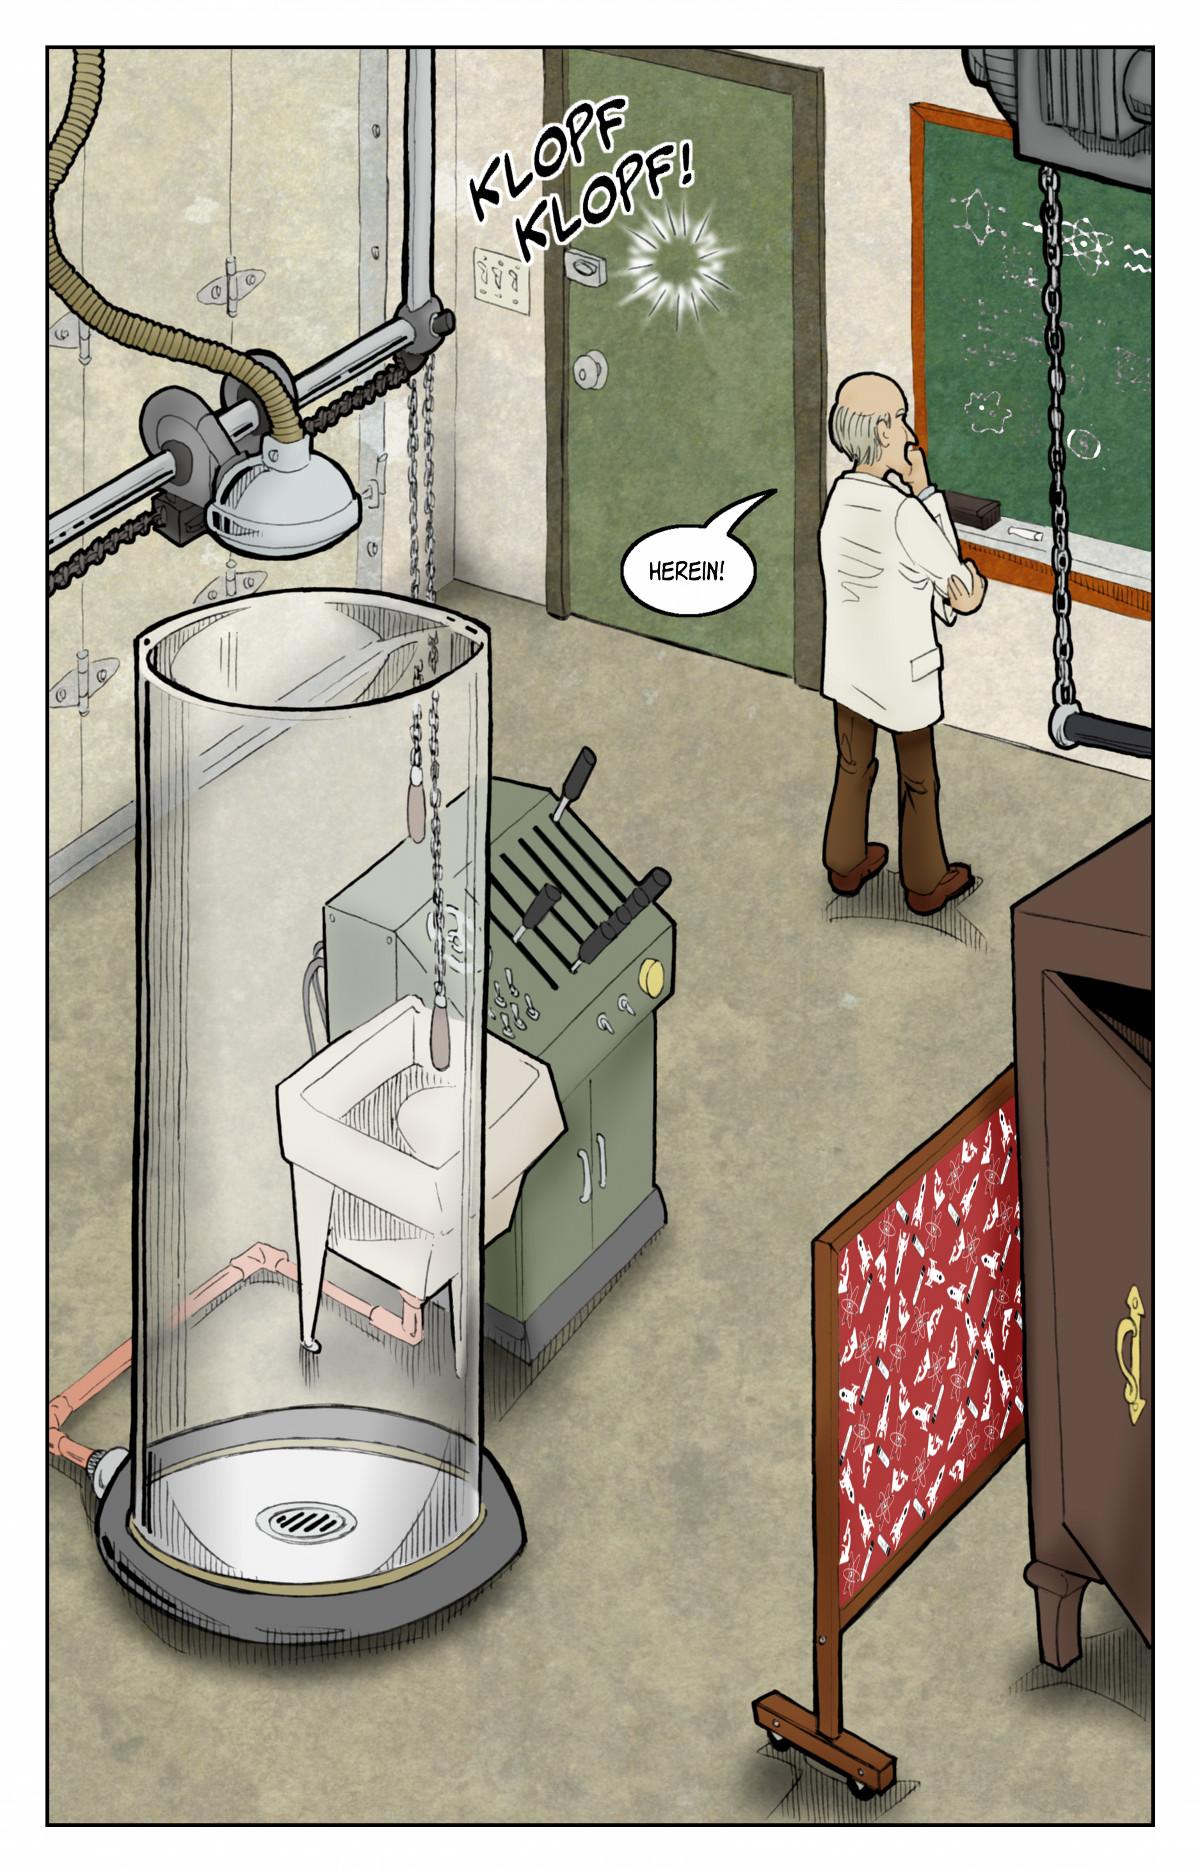 Ein Klopfen an der Labortür!